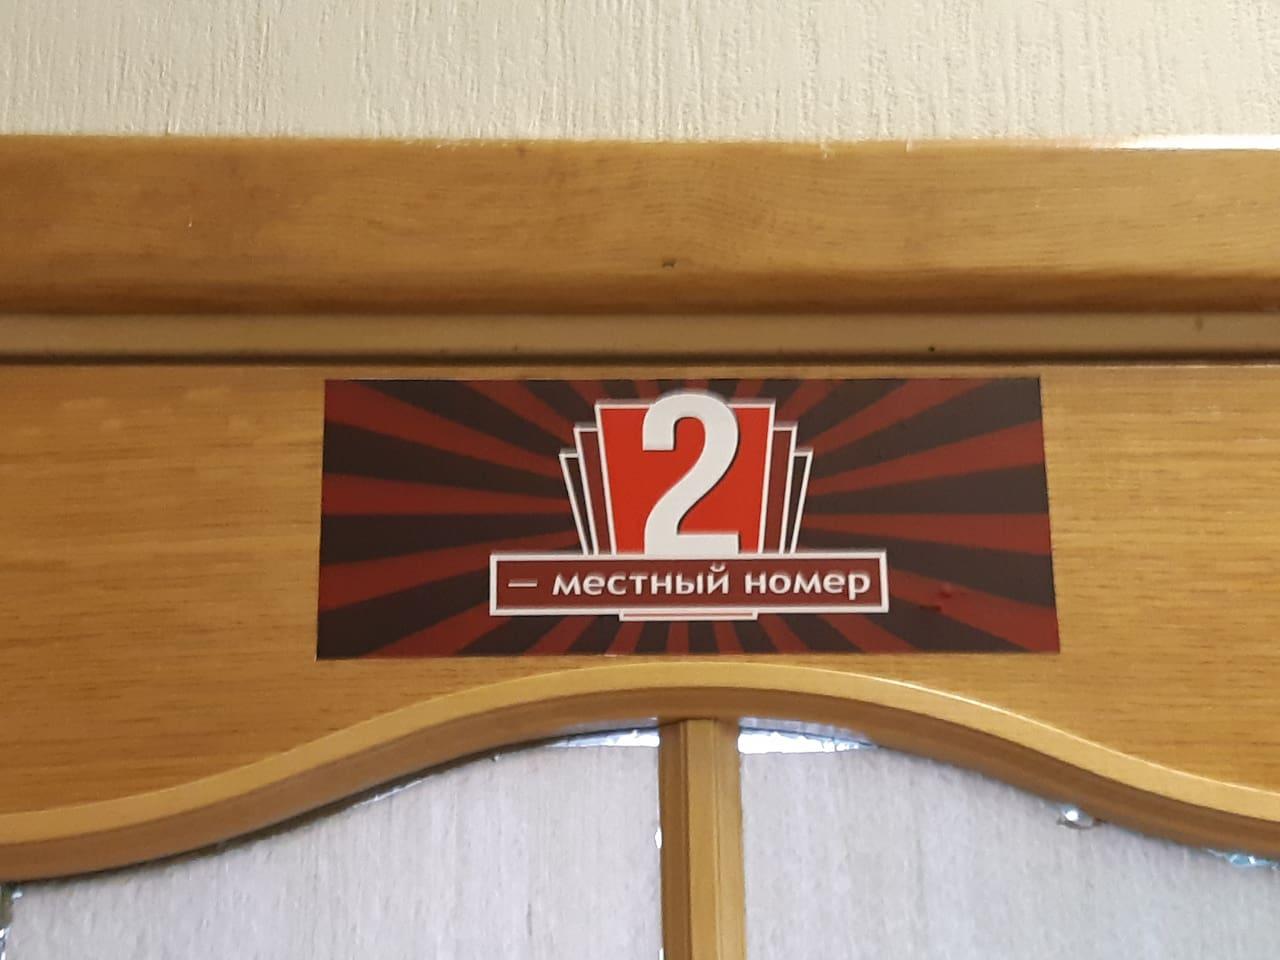 2-х местный номер